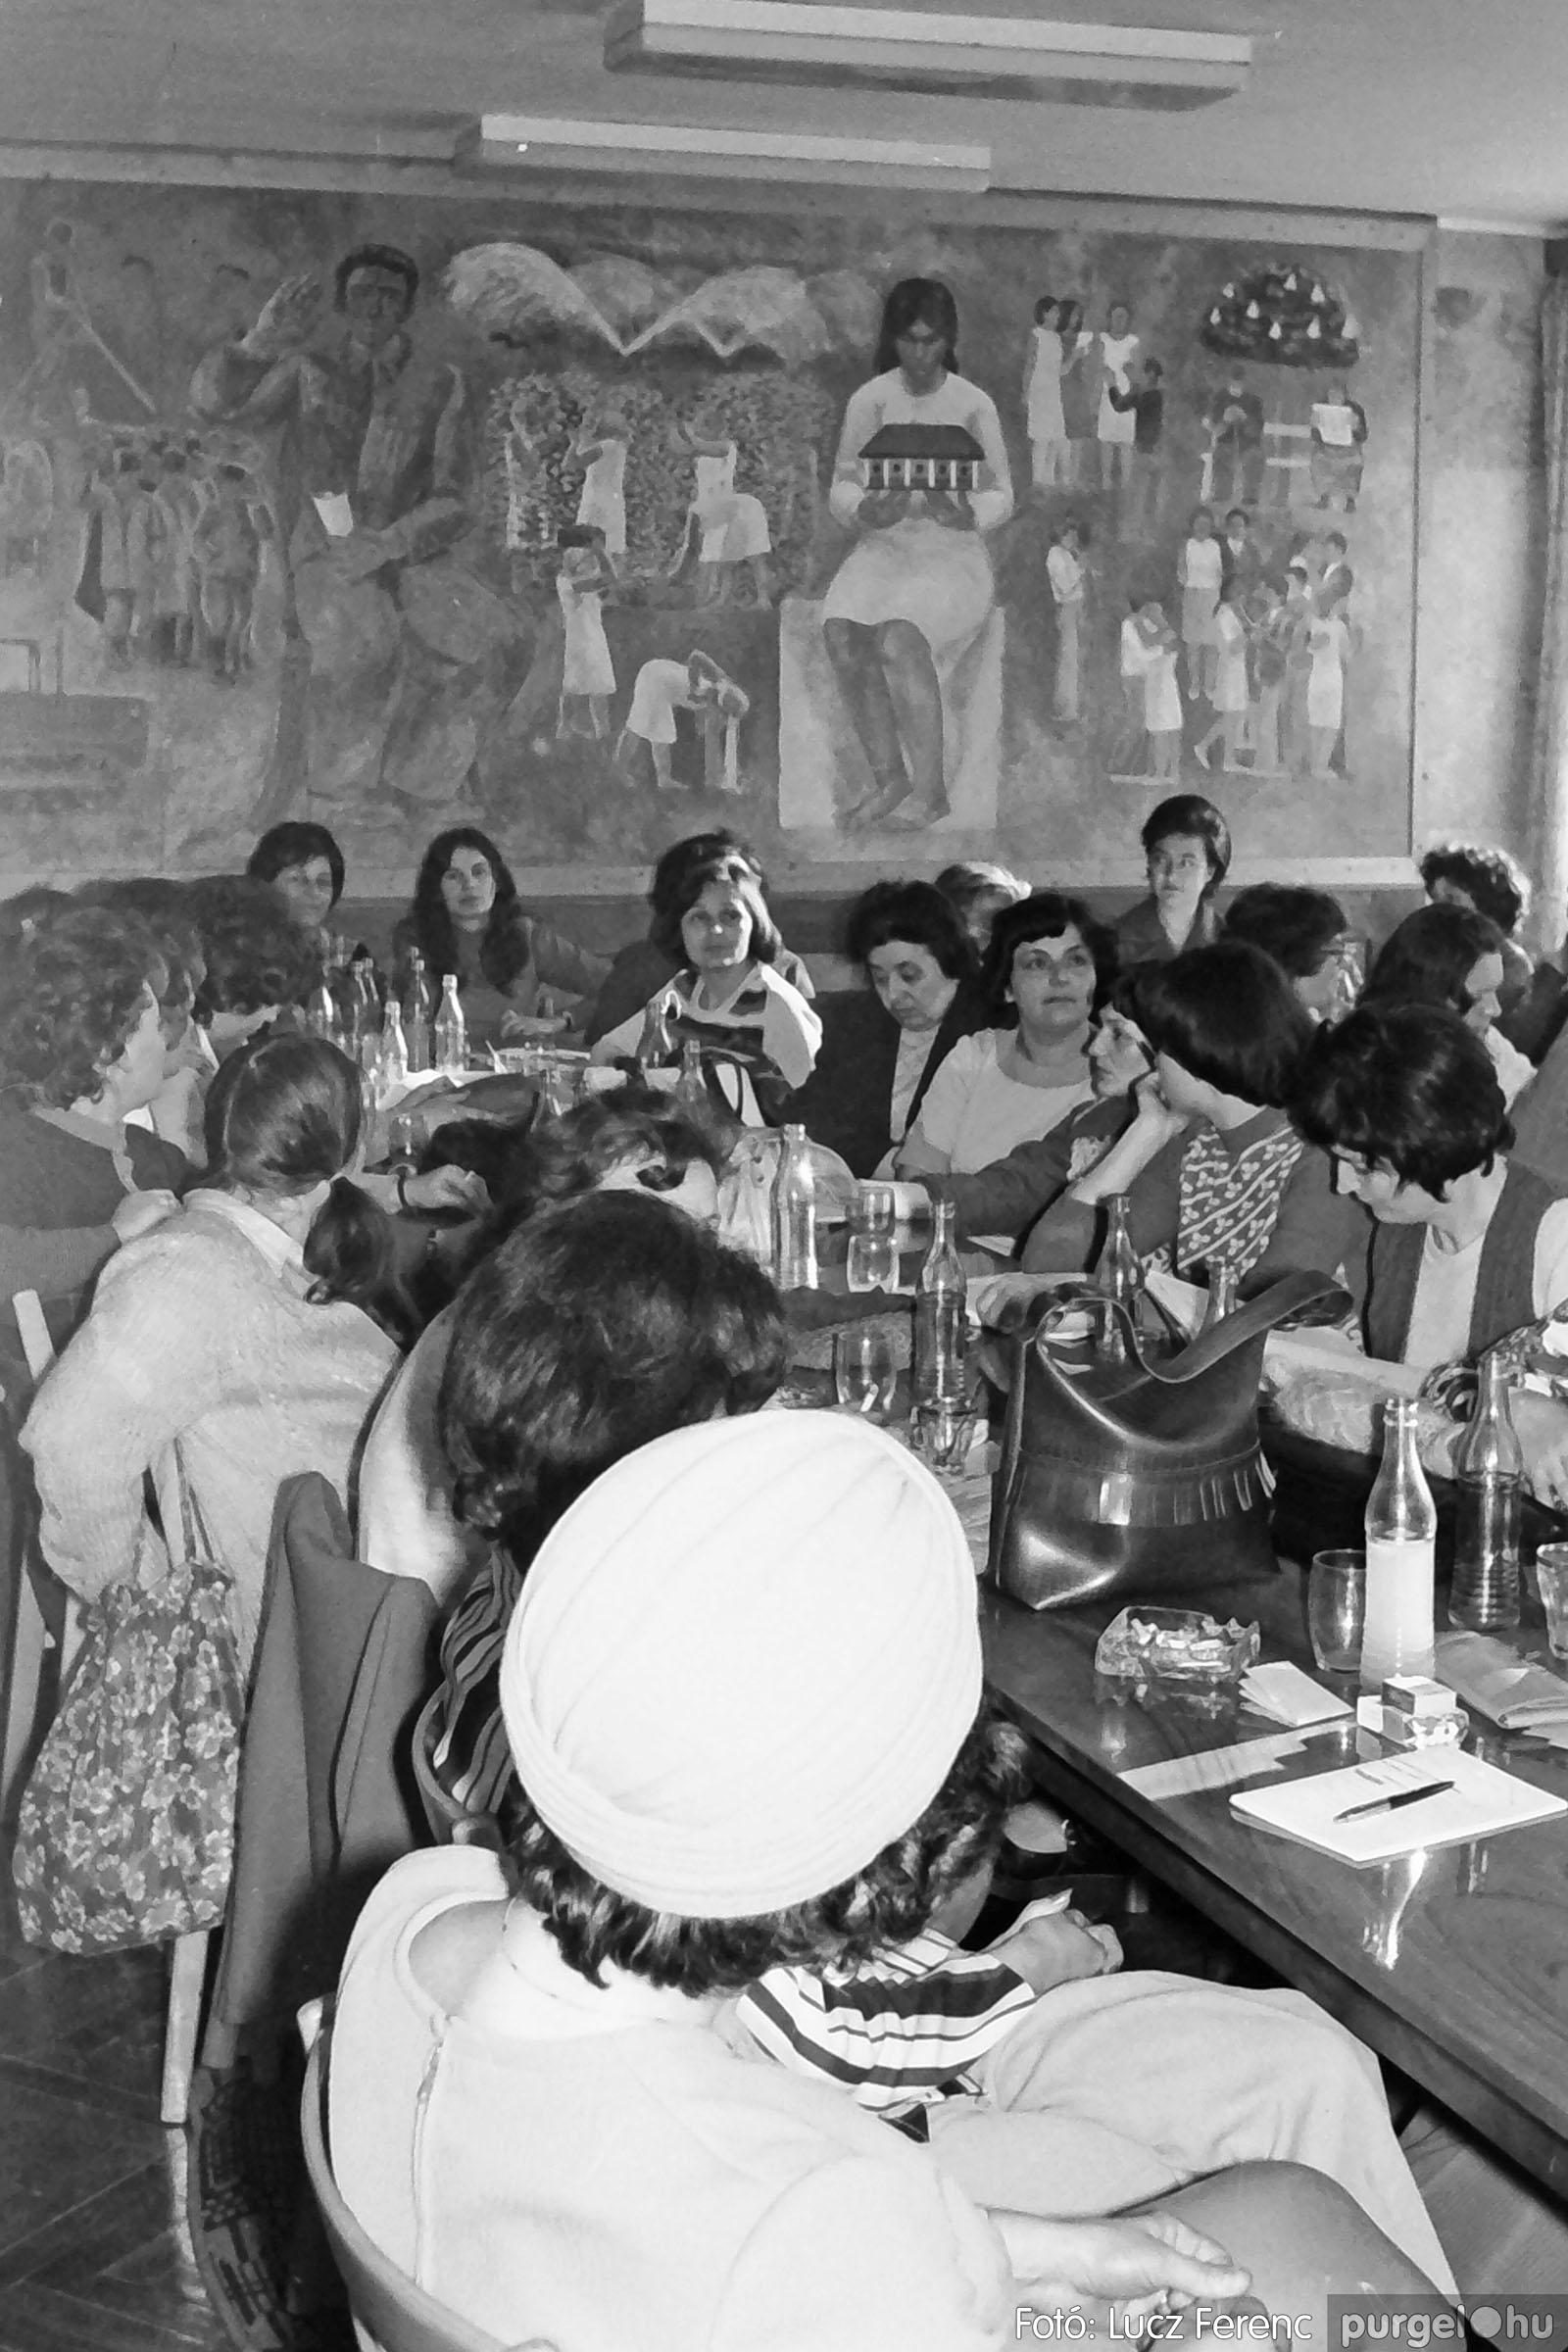 036. 1976. Tanácskozás a pártházban 002 - Fotó: Lucz Ferenc.jpg